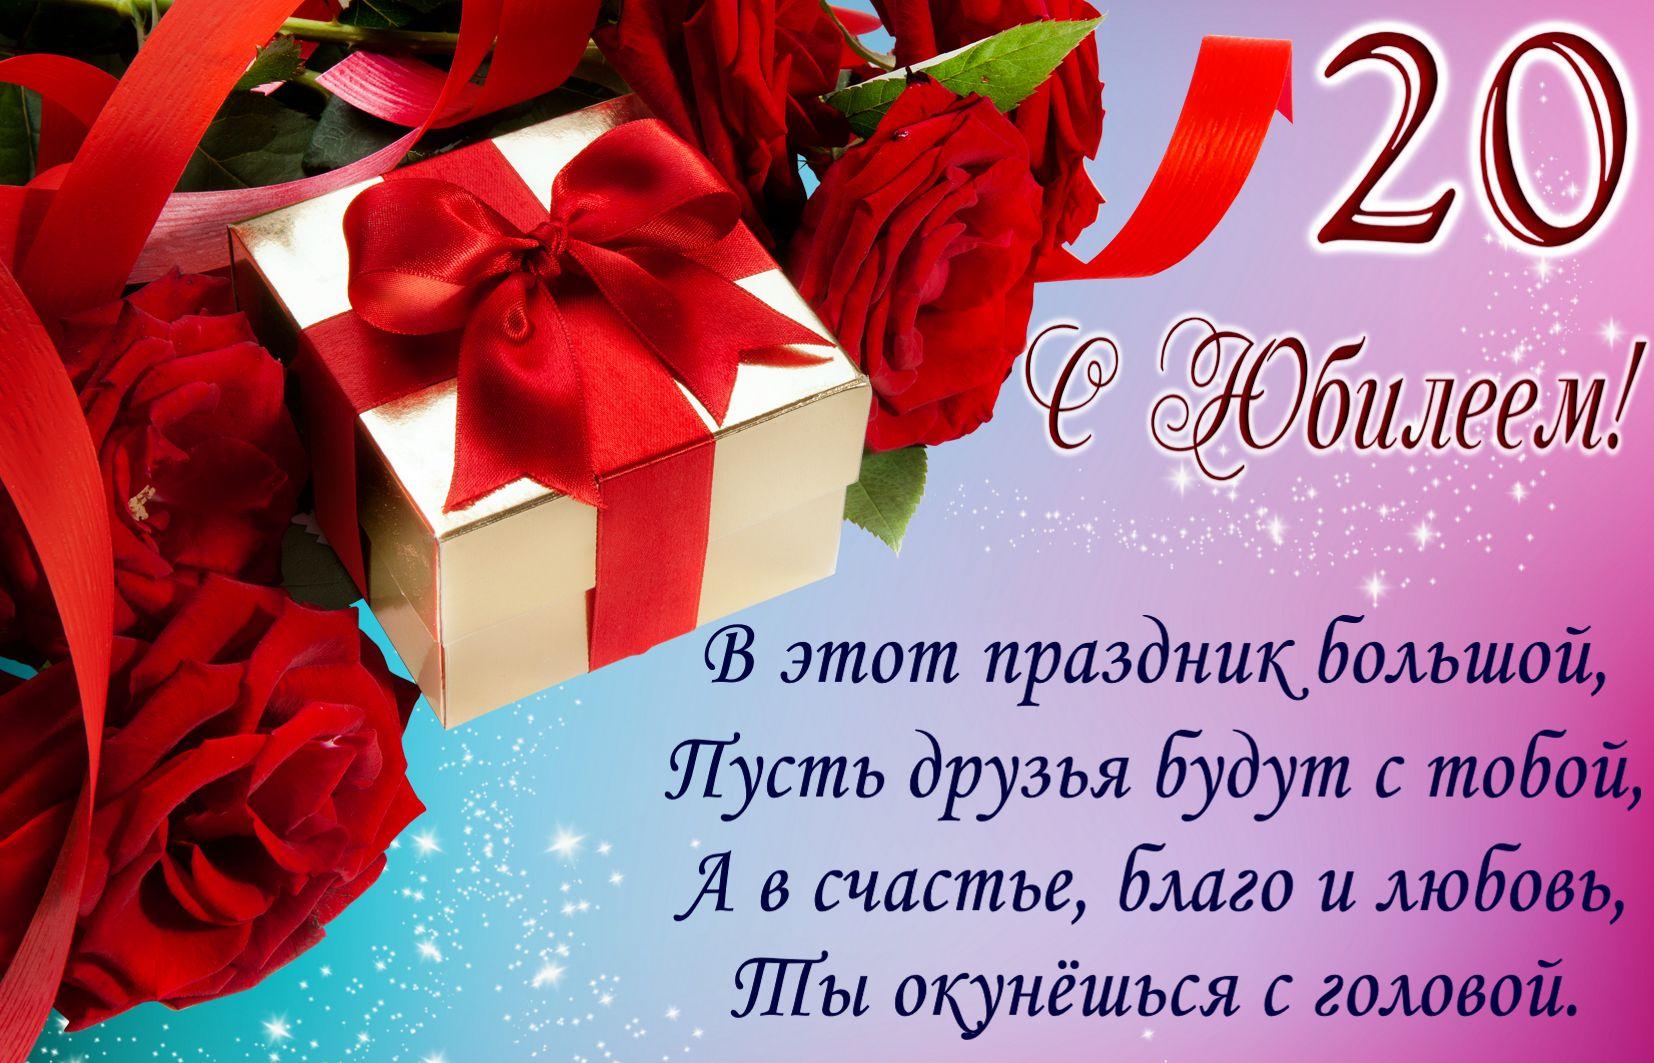 Открытка на юбилей на 20 лет - подарок, пожелание и красивые цветы